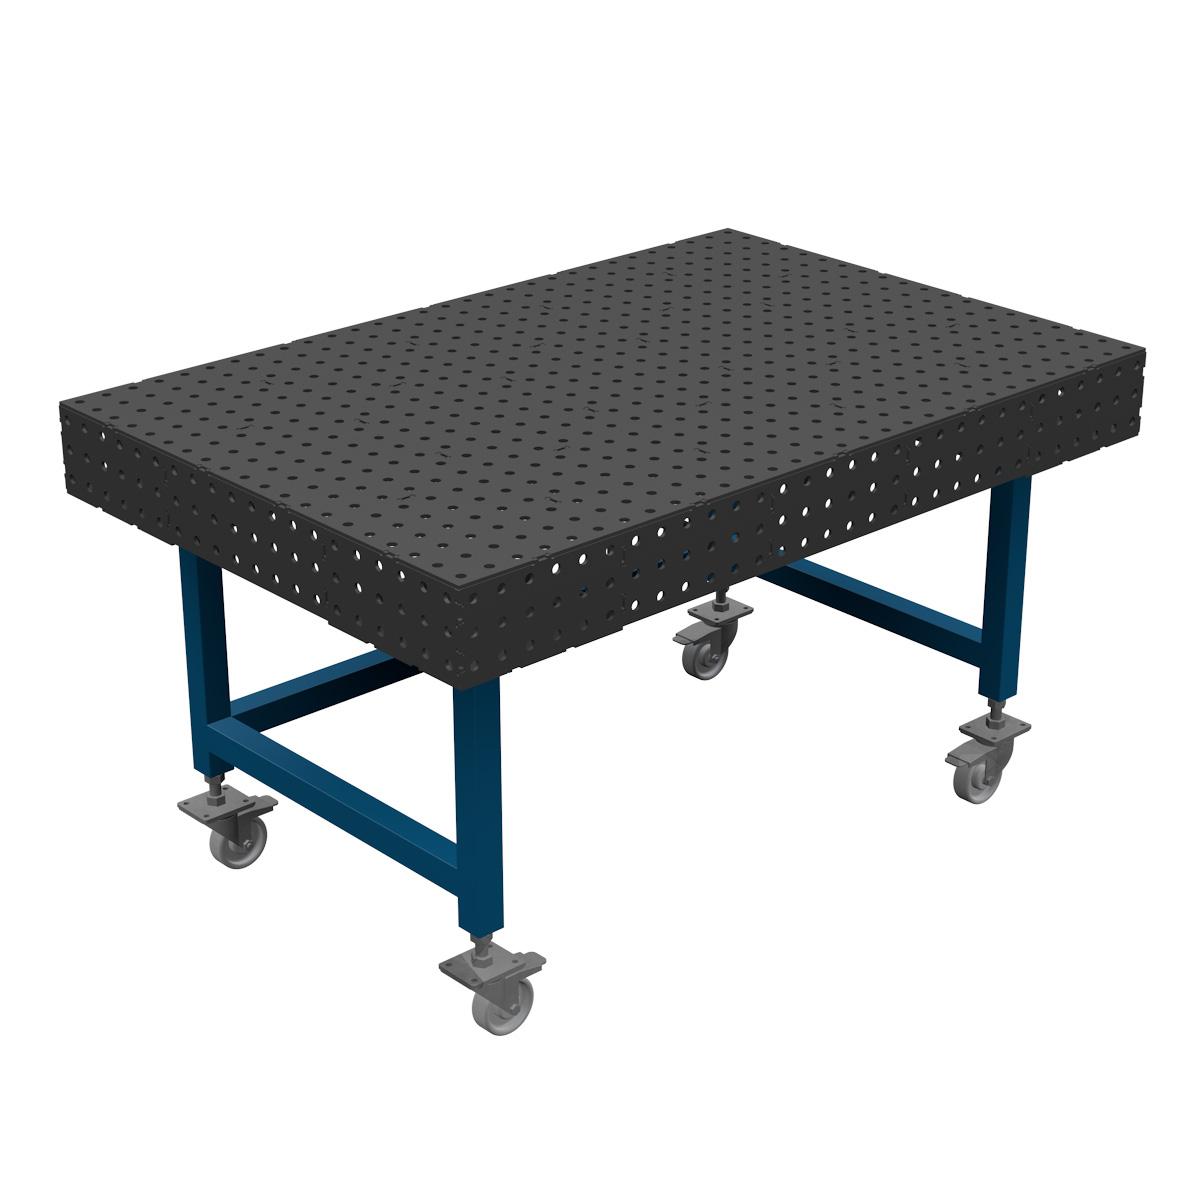 AASCO P1500X1000F16JPO - stół montażowo spawalniczy. Wersja z otwartą konstrukcją nóg ułatwiającą prace na siedząco.